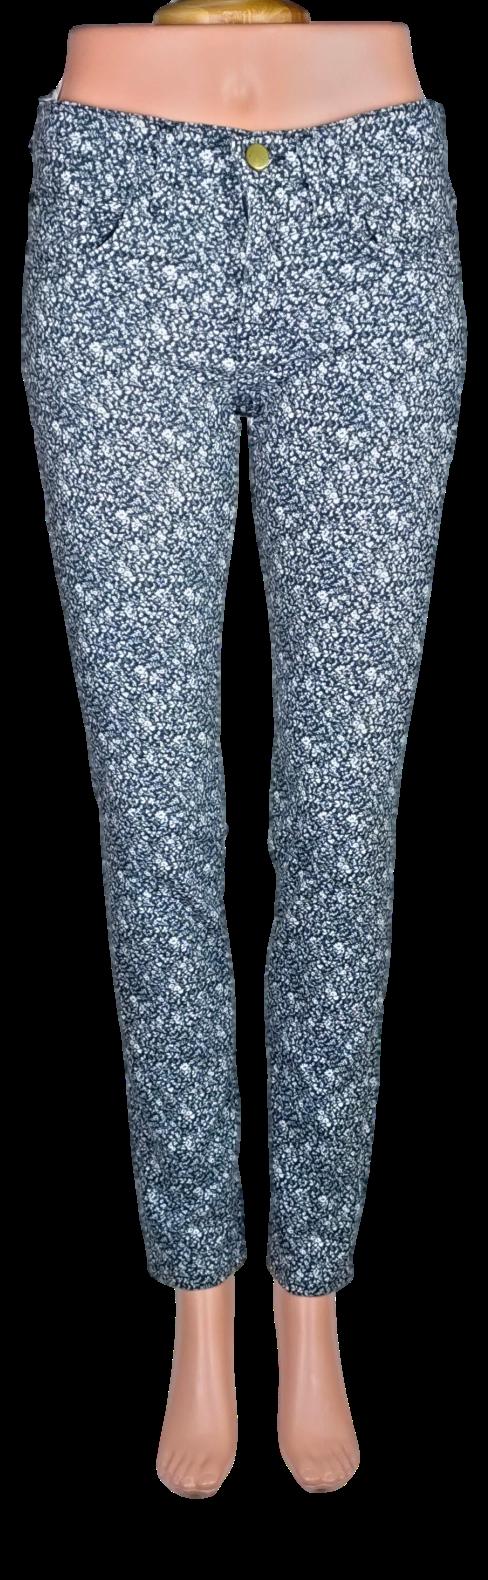 Pantalon Roseanna -Taille 36